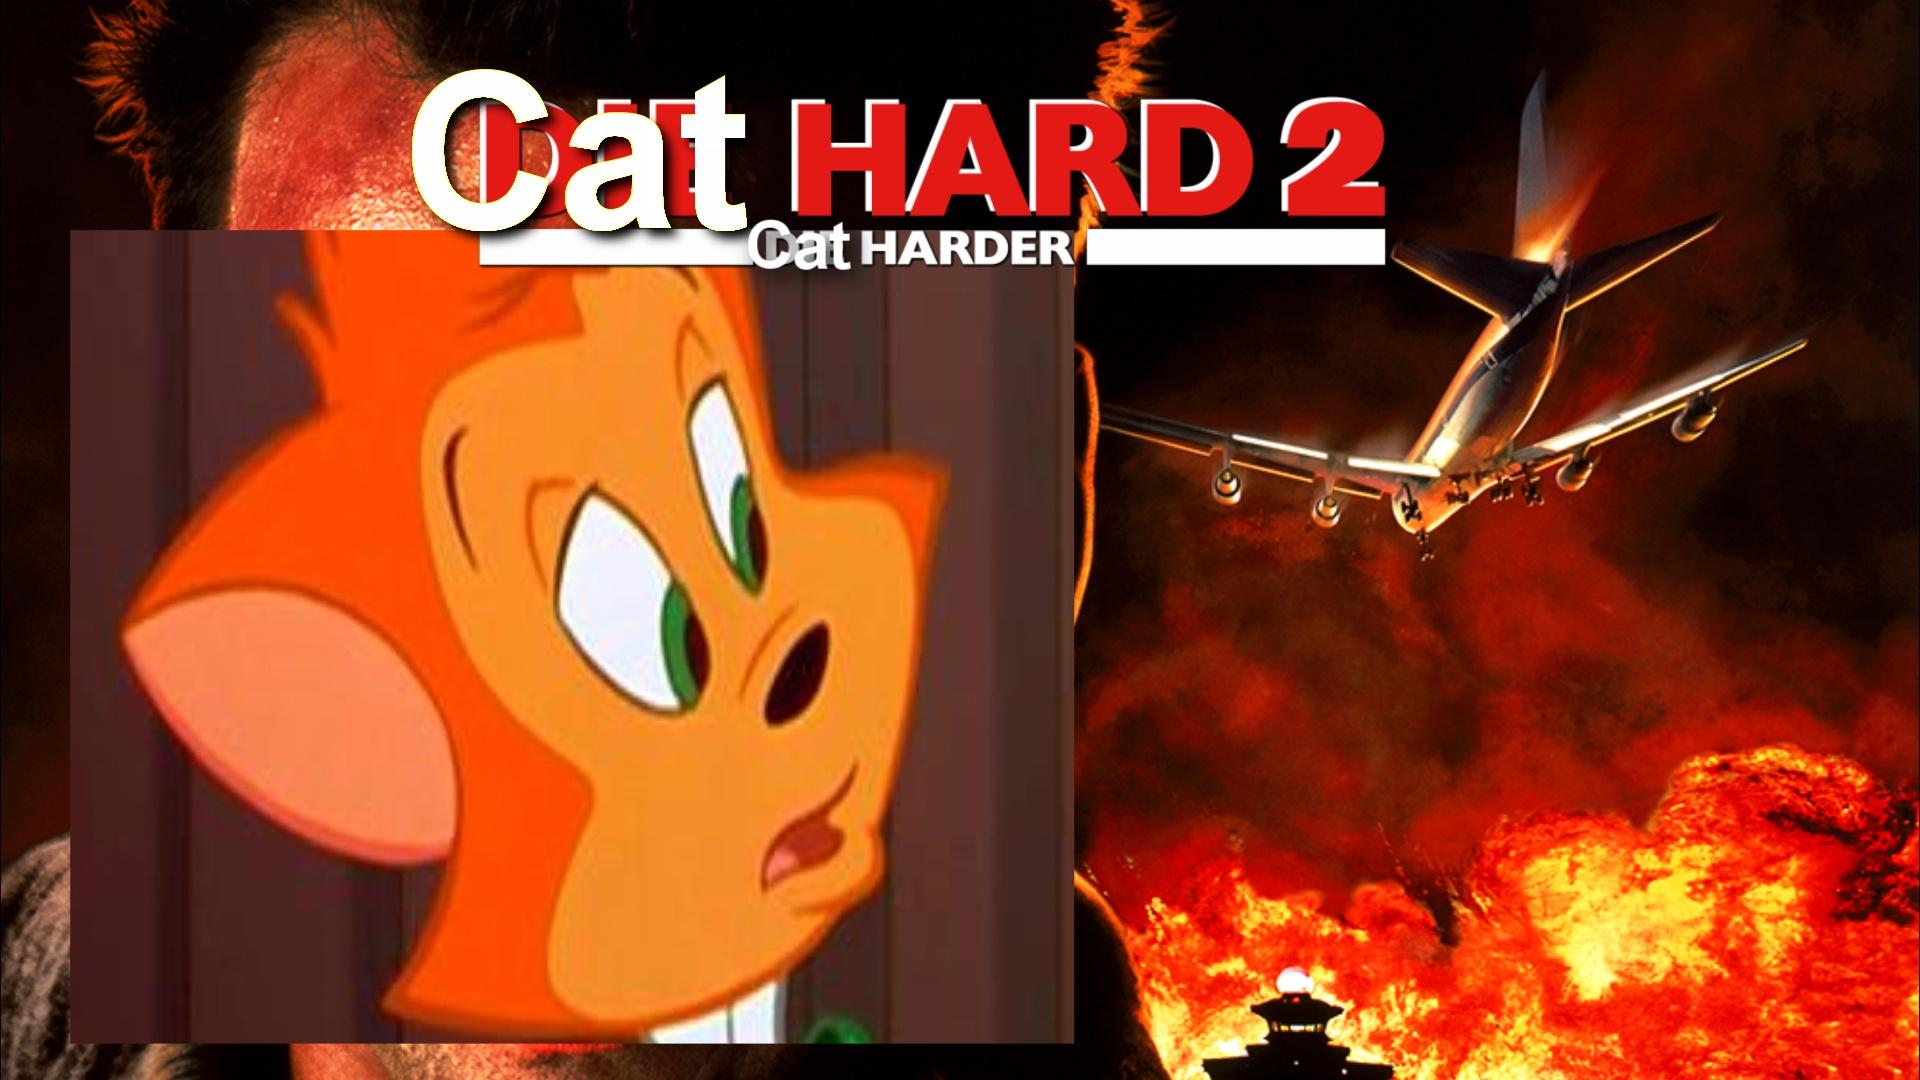 Cat Hard 2 Cat Harder (CoolZDane Animal Style) Poster.jpeg